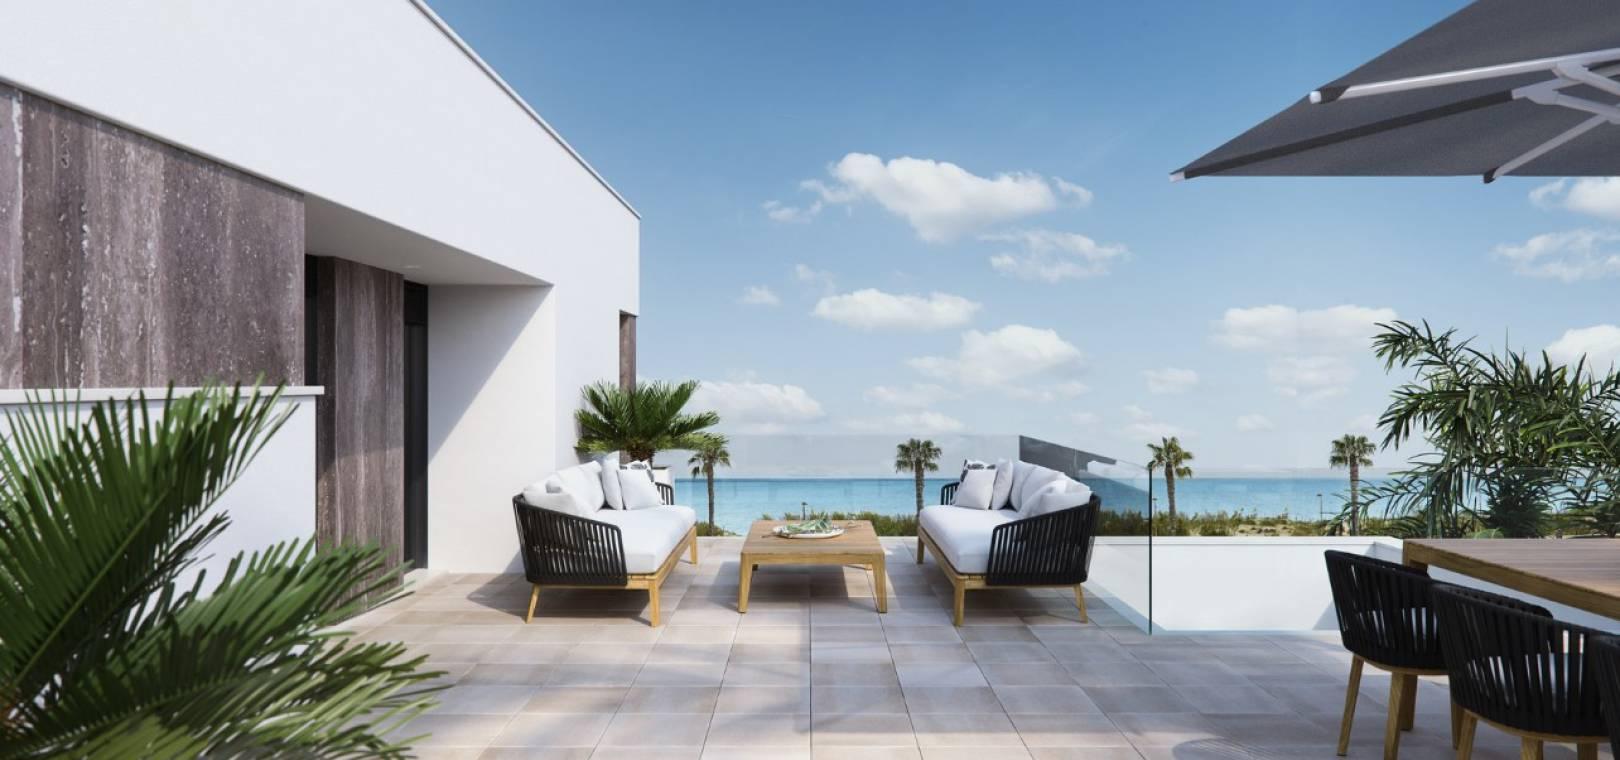 Torre_de_la_Horadada_New_Build_Luxury_Villas_For_Sale_nsp257_4